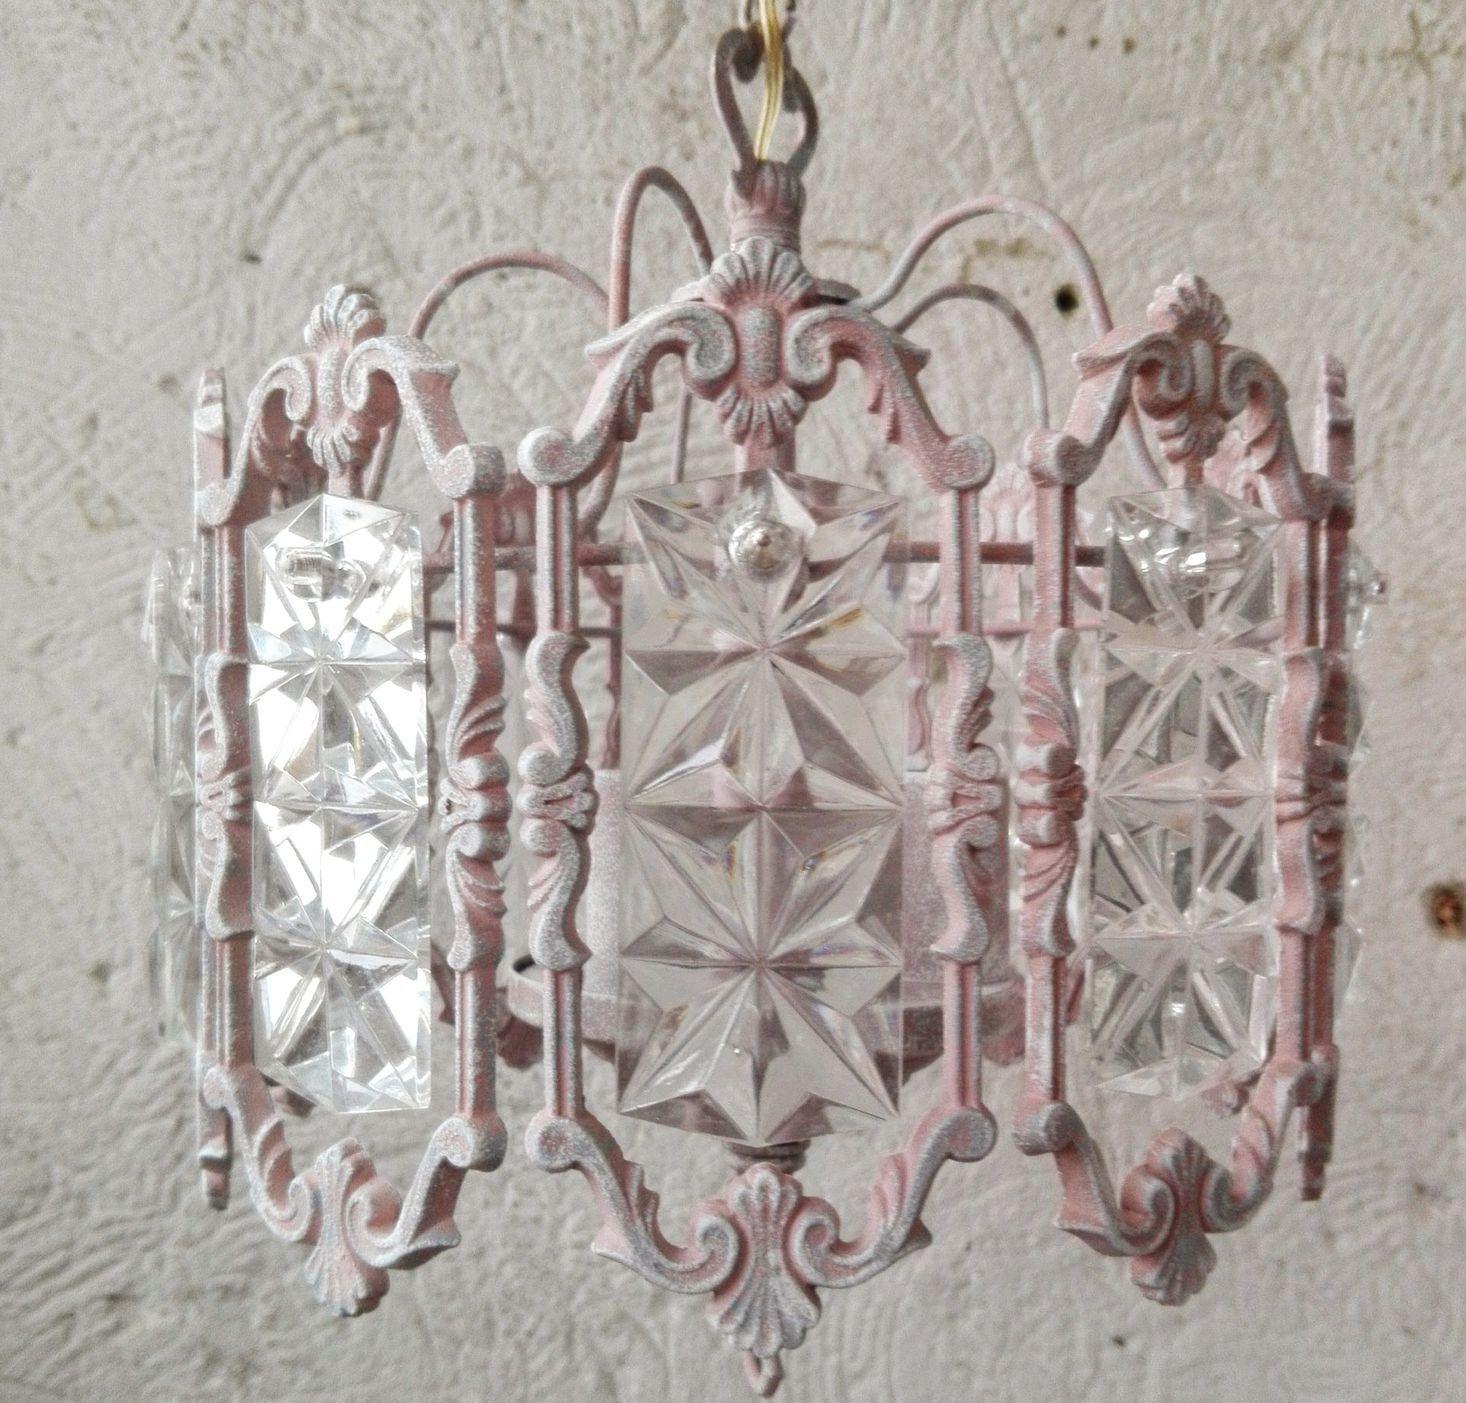 При изготовлении люстр в стиле прованс часто используют стекло и металл